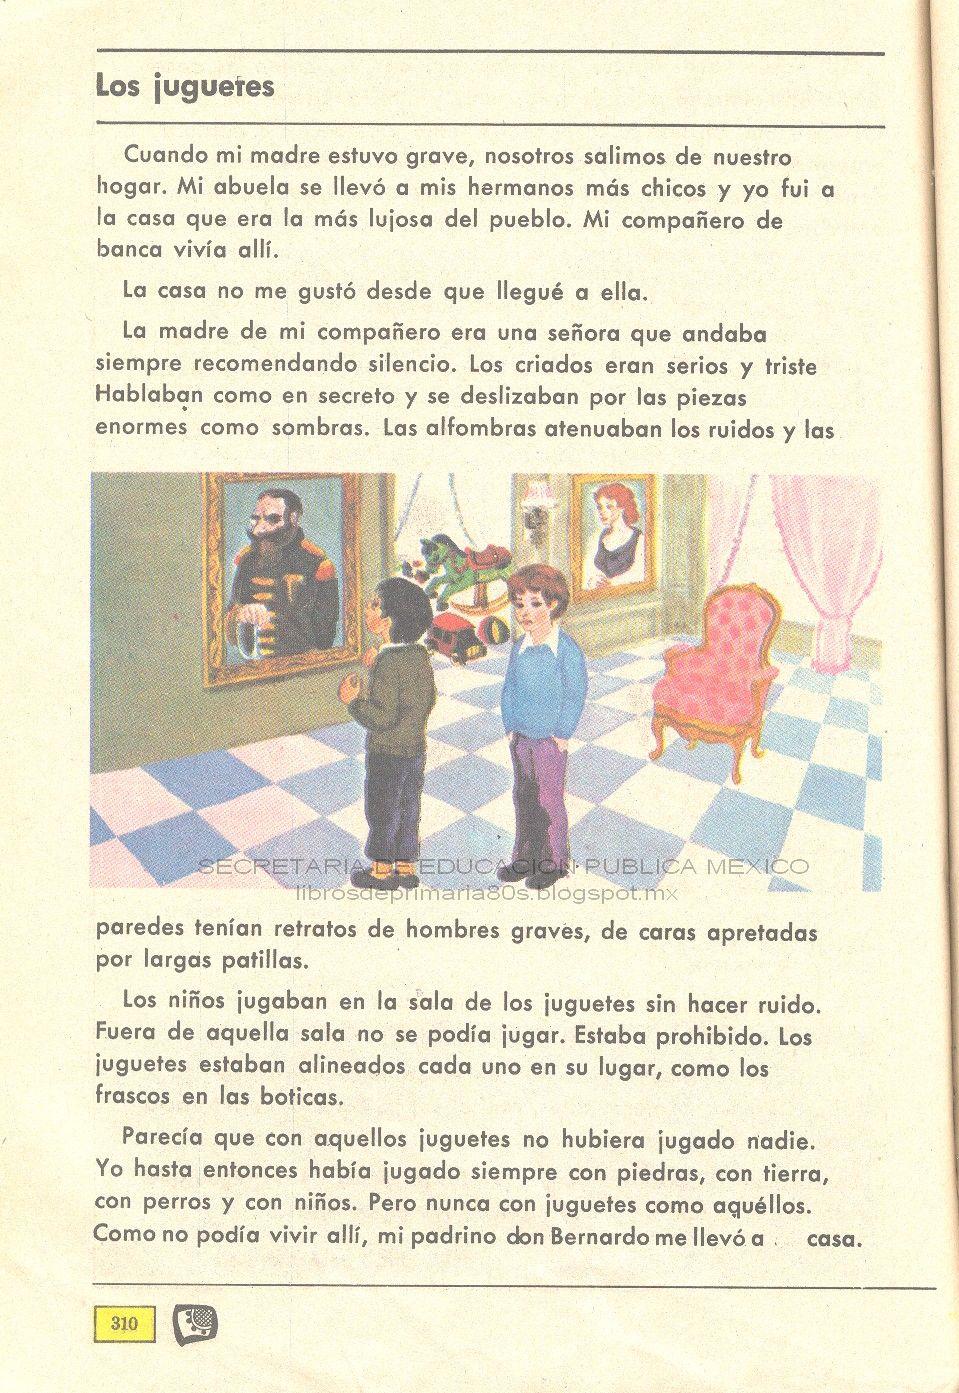 Libros de Primaria de los 80\'s: 2012